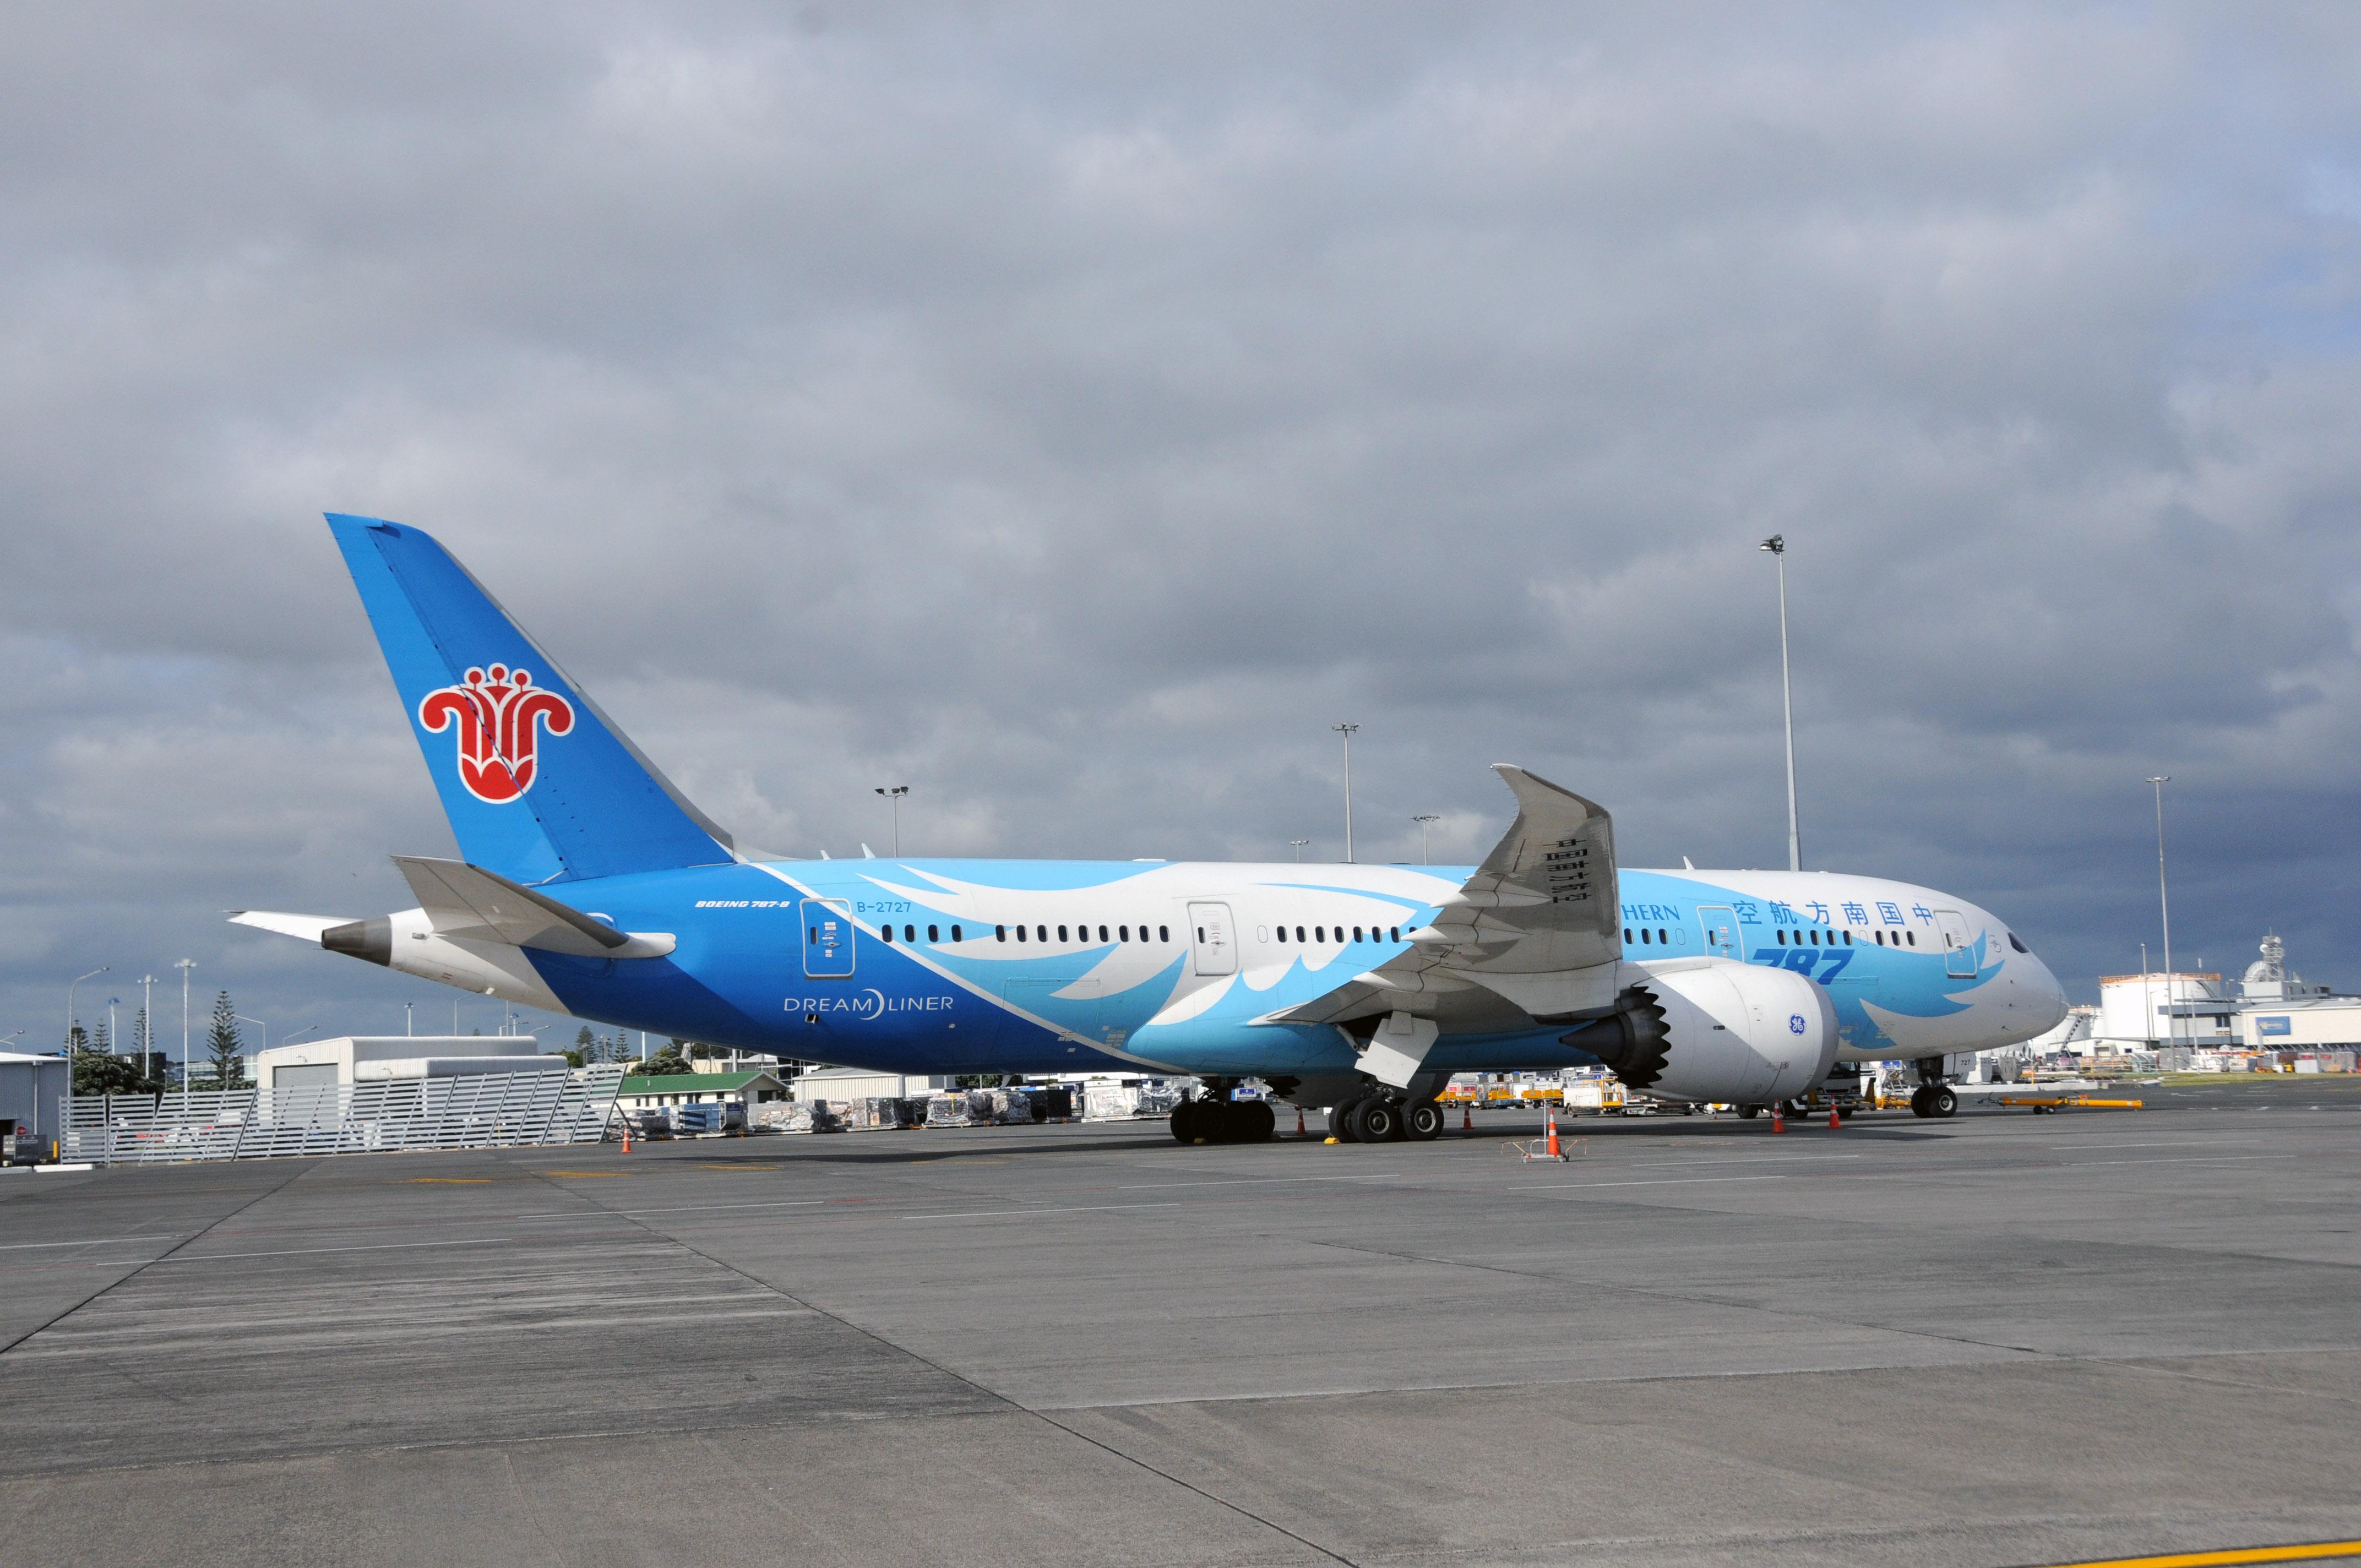 2015年12月10日在新西兰奥克兰机场拍摄的中国南方航空公司执飞新西兰奥克兰至中国广州的波音787型客机照片。(新华社记者田野摄)